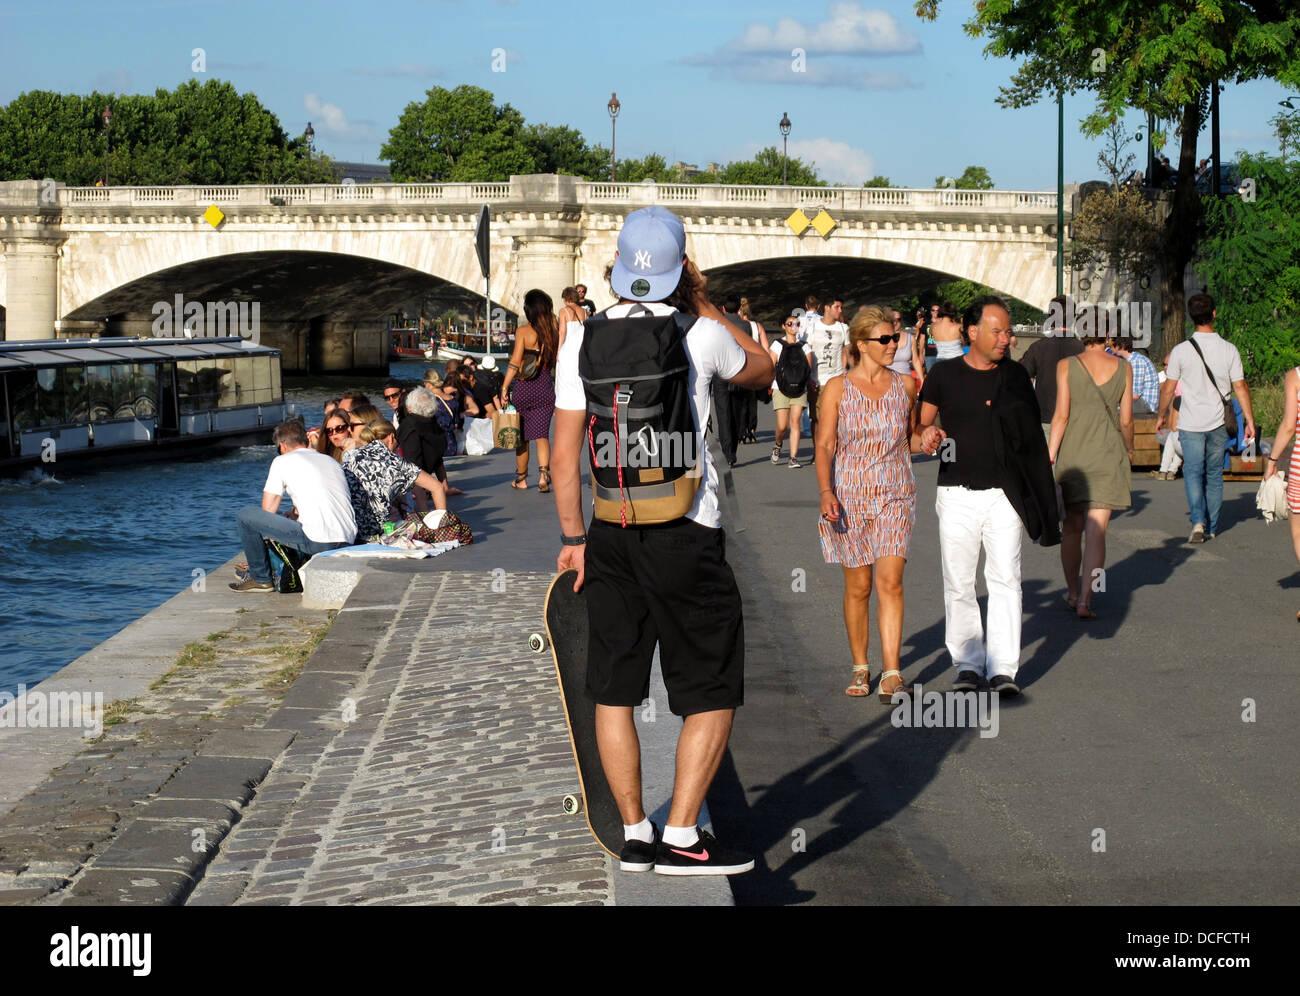 Les Berges,the new Seine river,quai d'Orsay,Pont de la Concorde,Paris,left bank,France Stock Photo